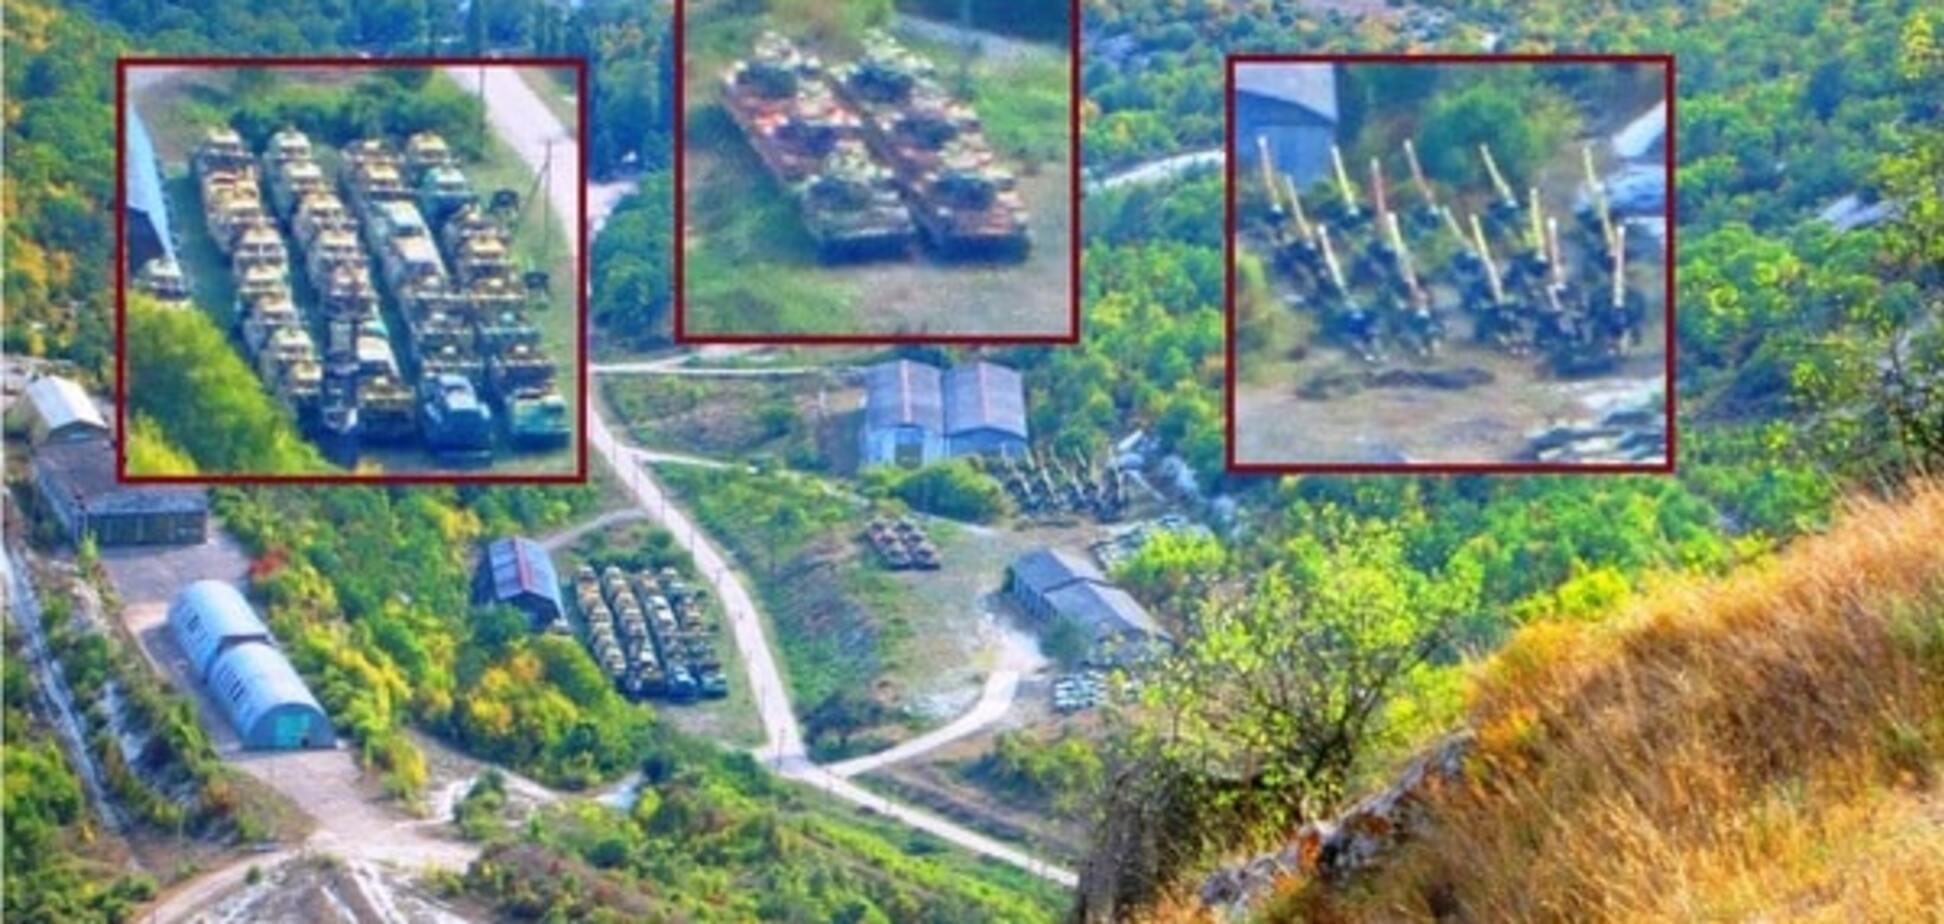 У Криму виявлено місце зберігання захопленого окупантами українського озброєння